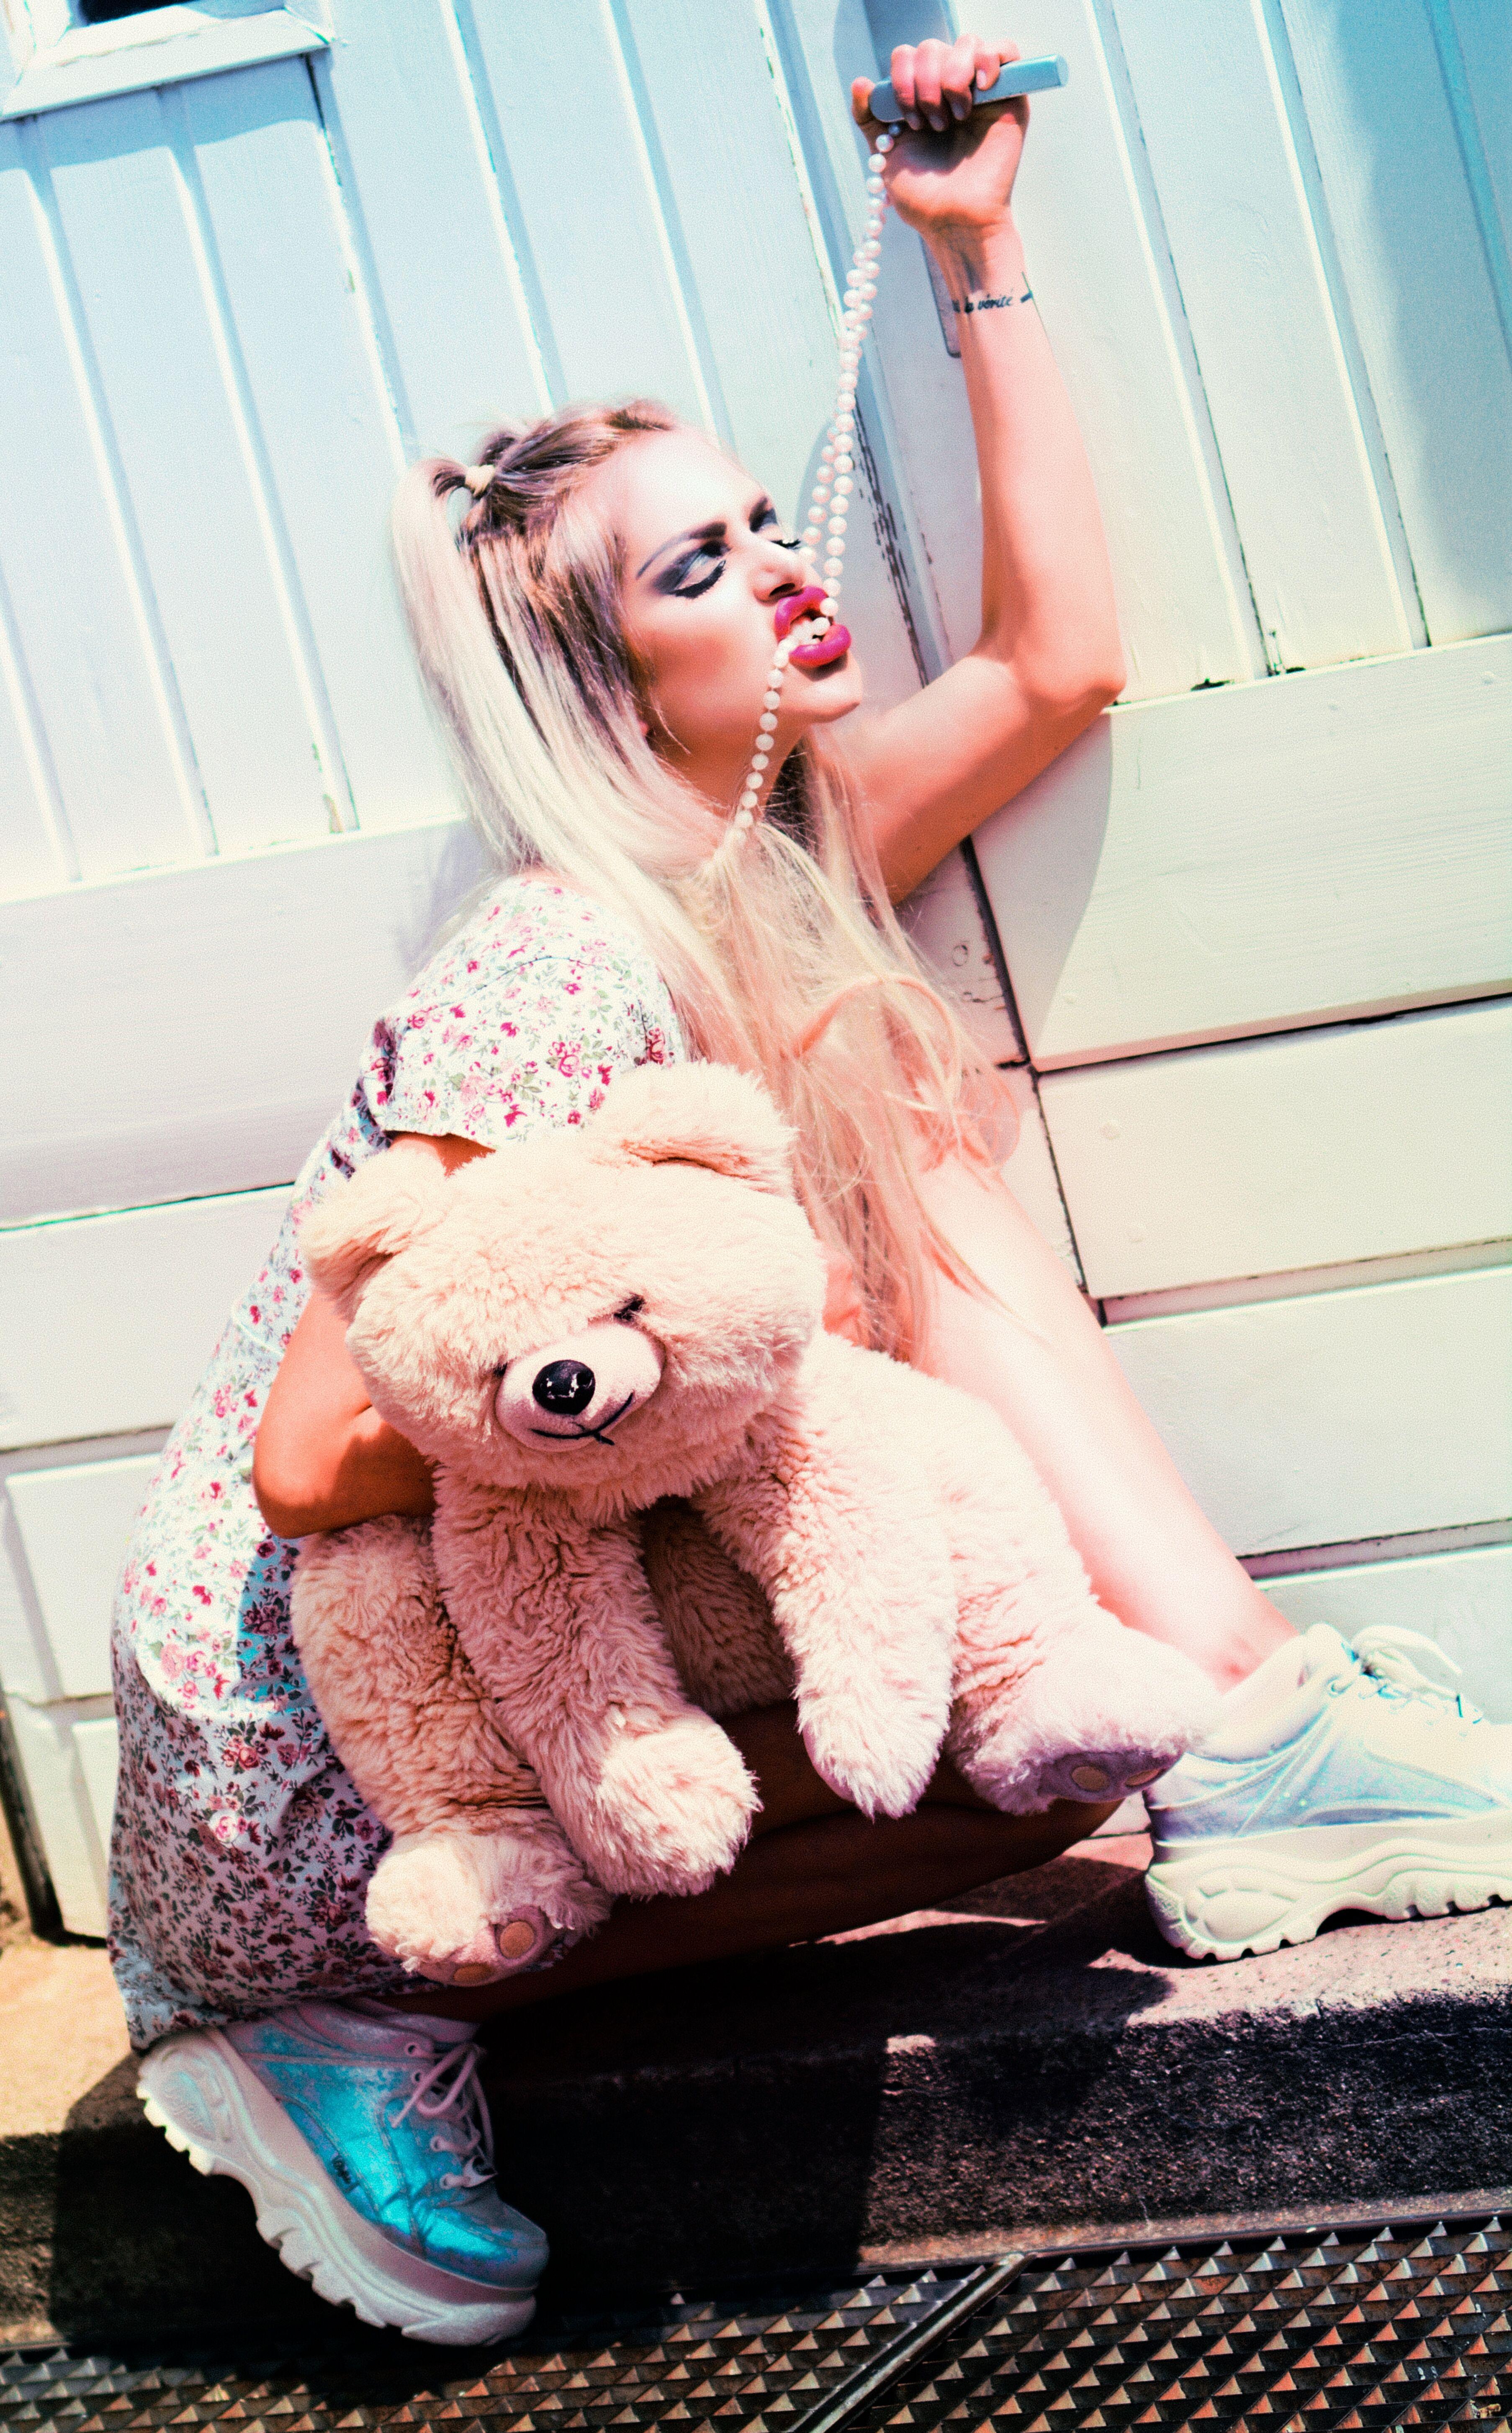 Teddy Bear 0ne